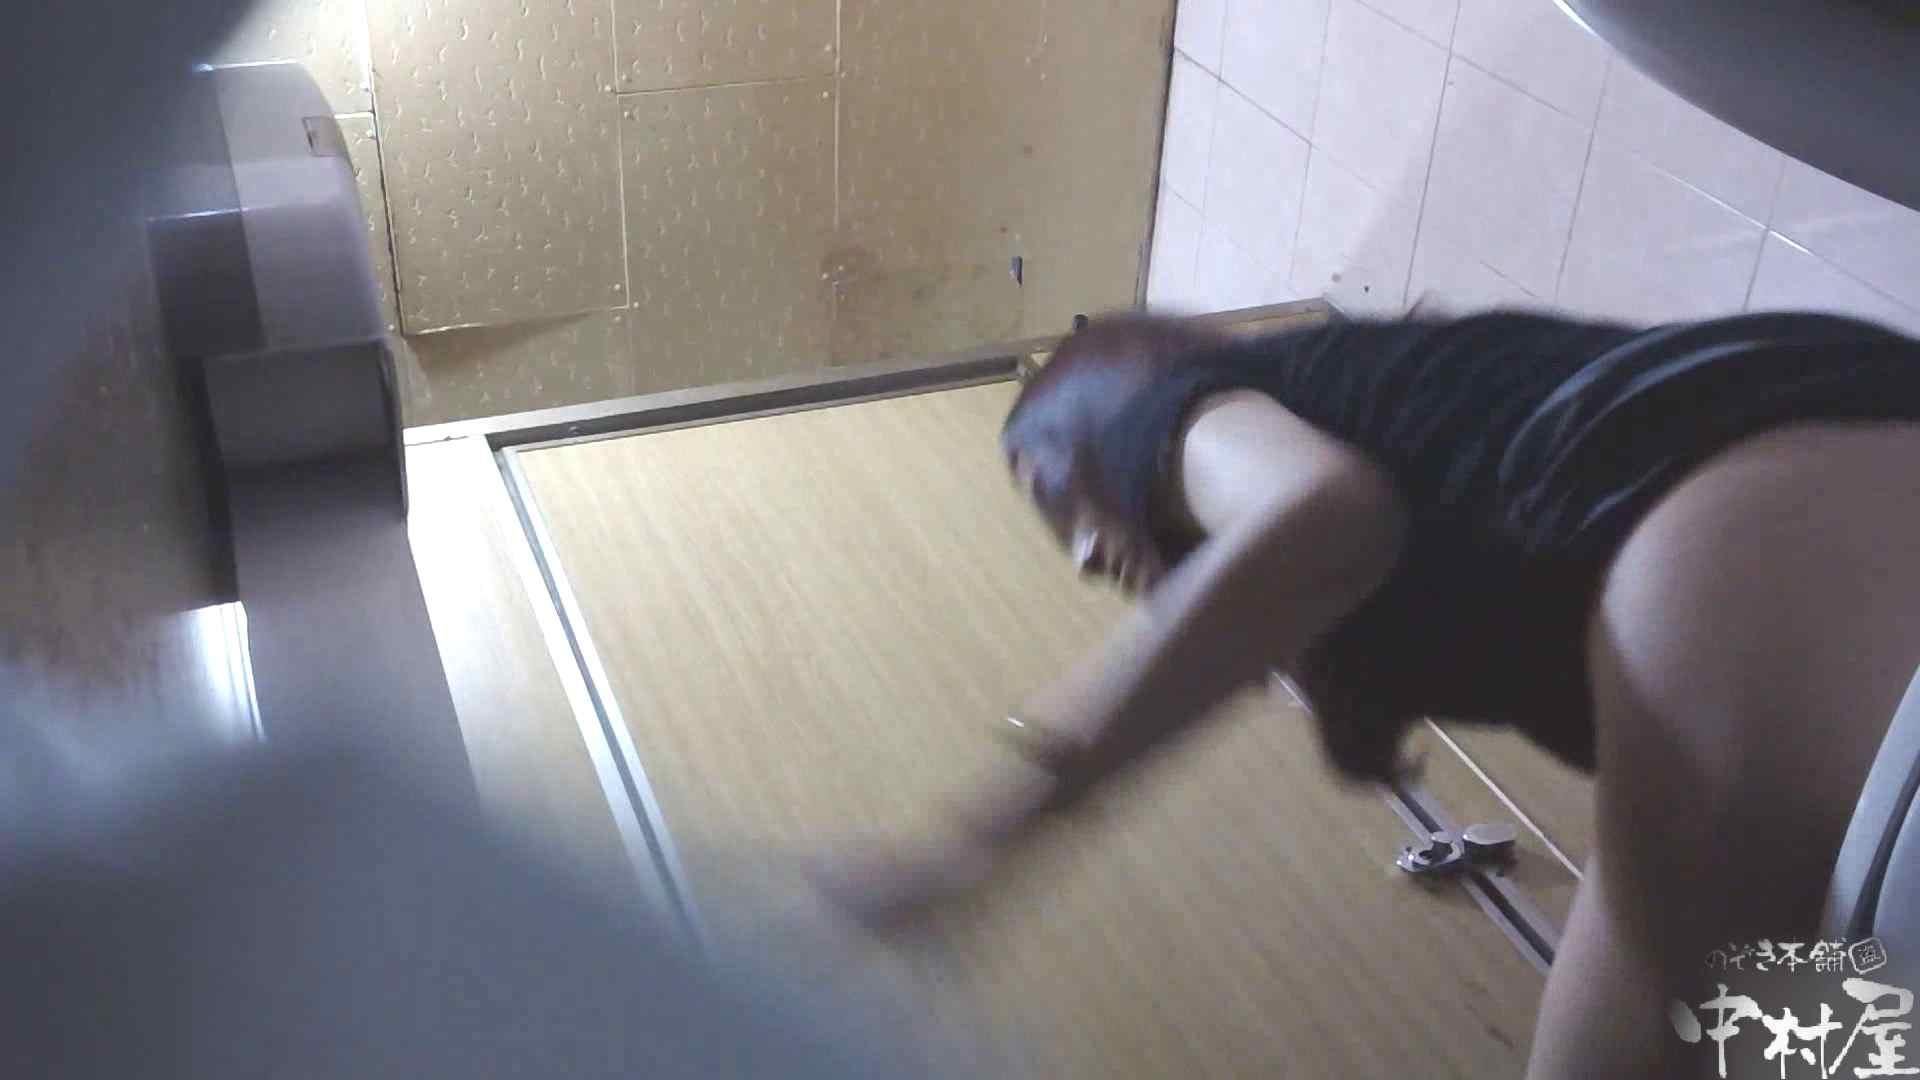 韓流トイレ盗撮vol.11 韓流 | 盗撮  63pic 10